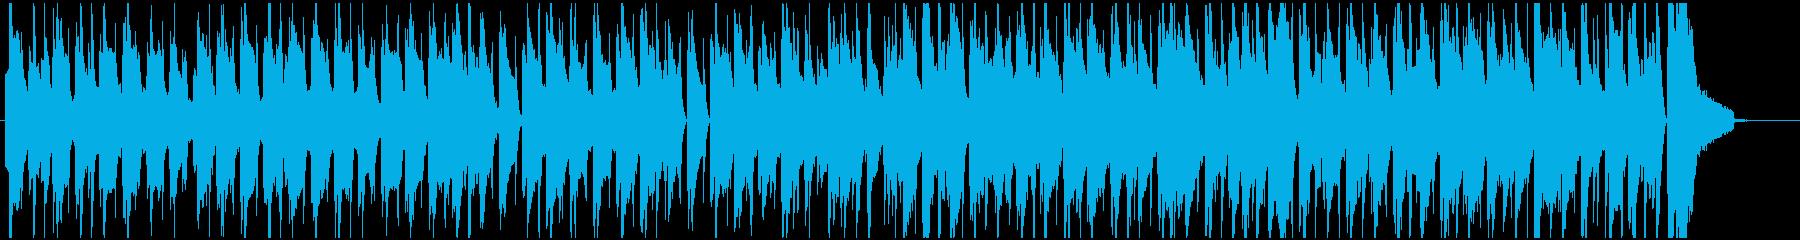 ハワイ風のほのぼのとした雰囲気のBGMの再生済みの波形